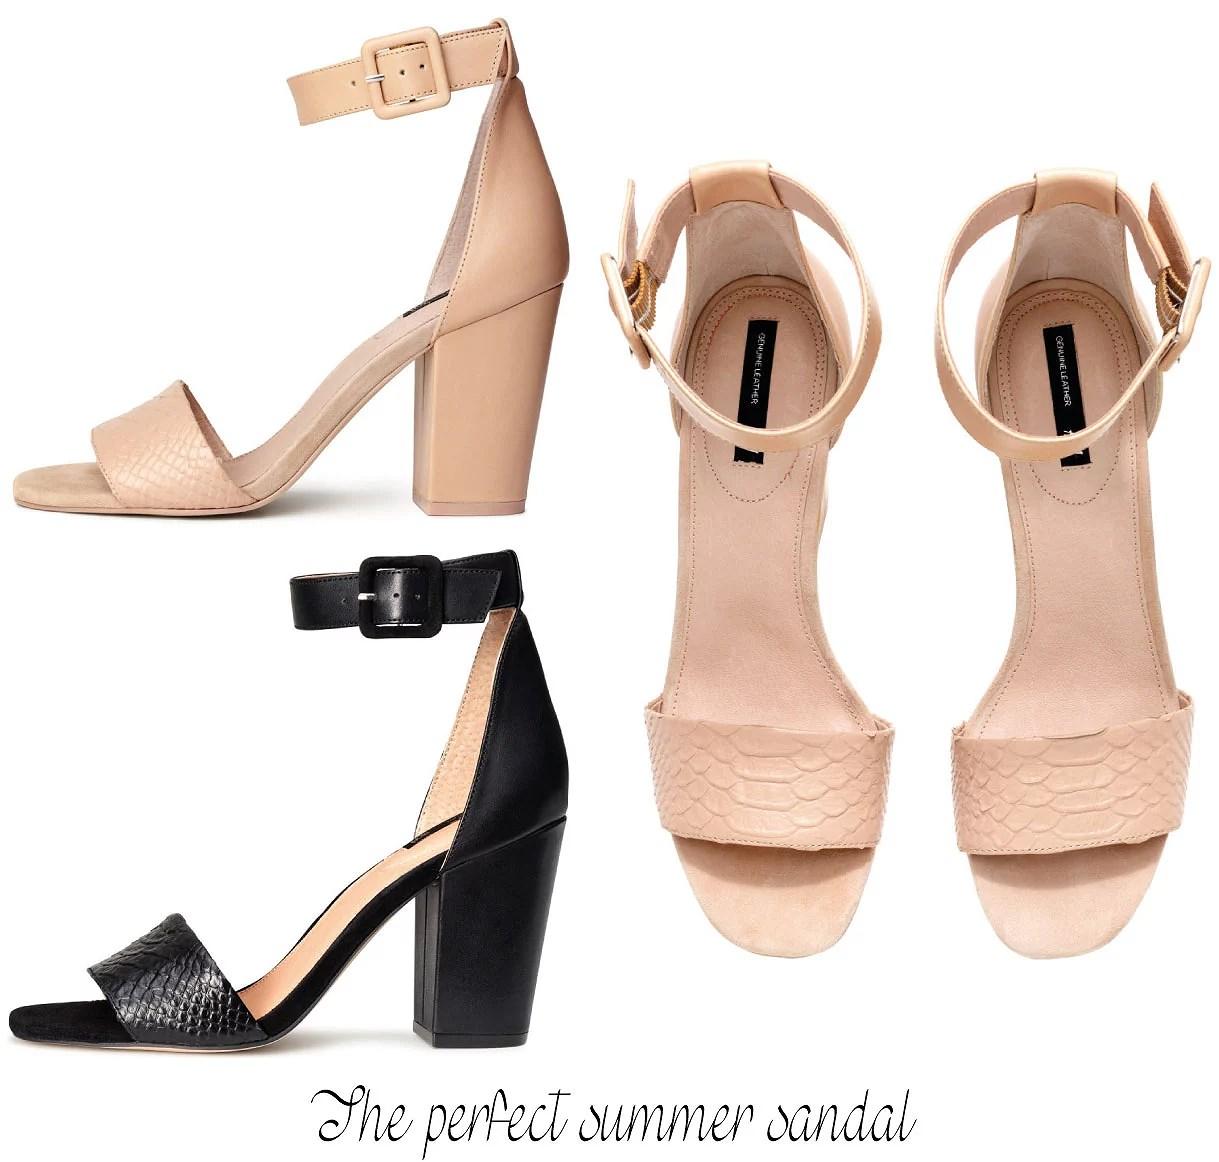 Sommersandaler, Sommer, Sandaler, Mode, H&M sandaler, H&M, Aalborg modeblogger, Aalborg blog